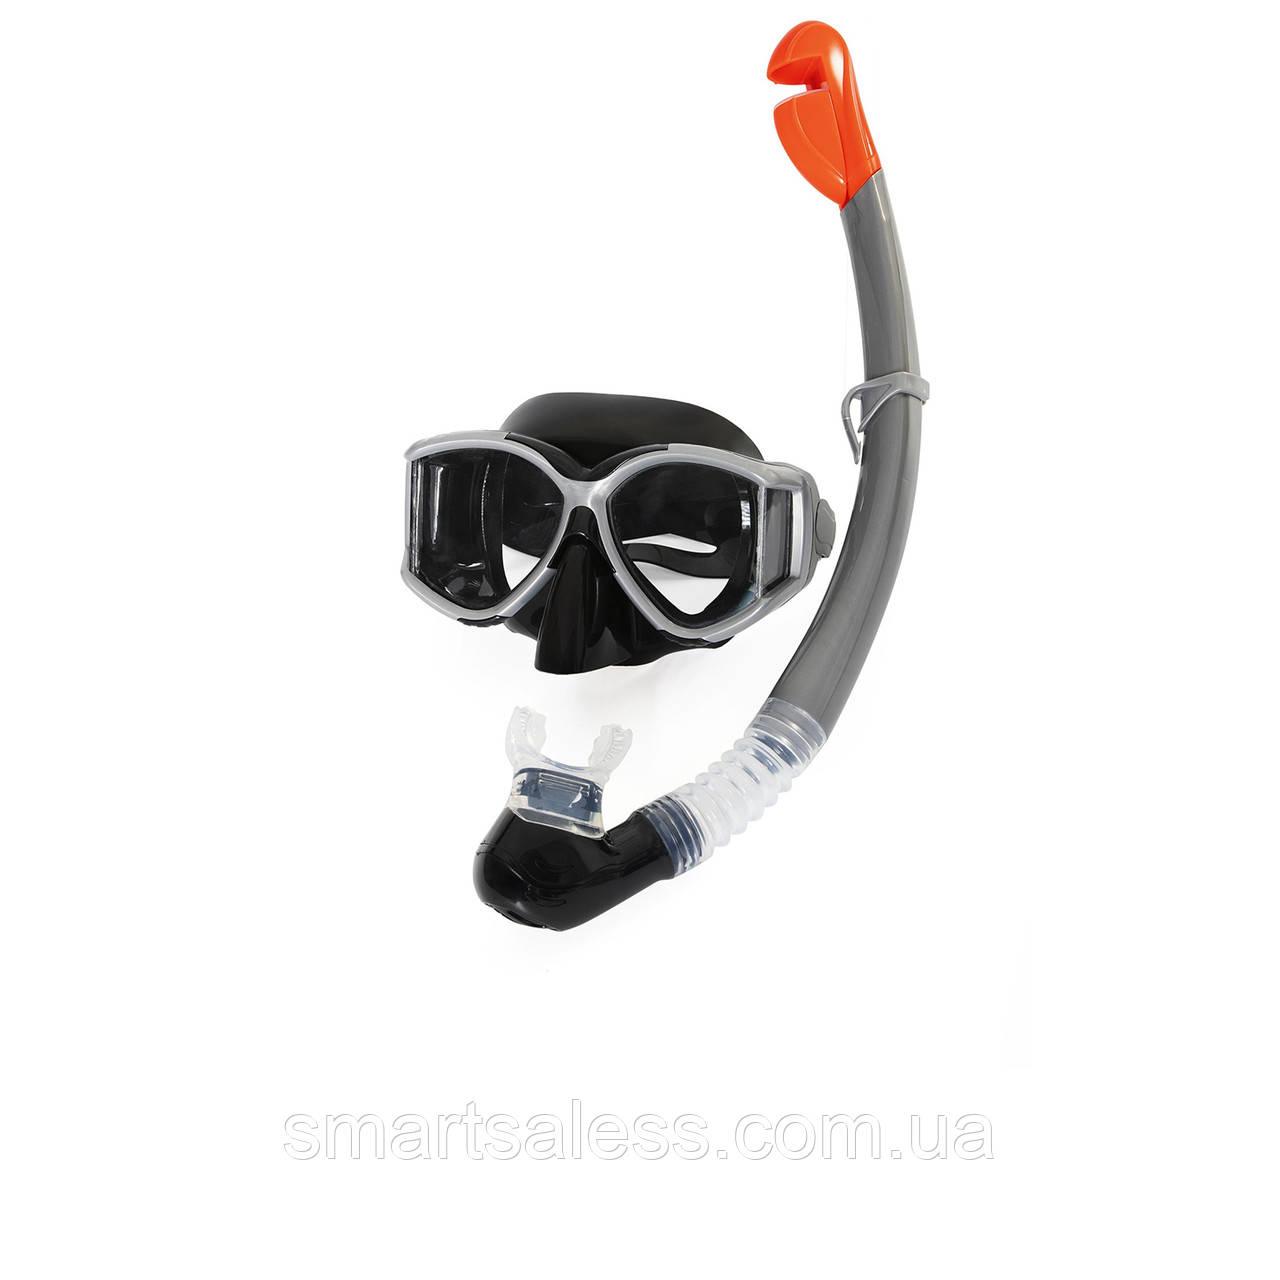 Набор 2 в 1 для плавания Bestway 24050 (маска: размер L, (14+), обхват головы ≈ 54-65 см, трубка), черный